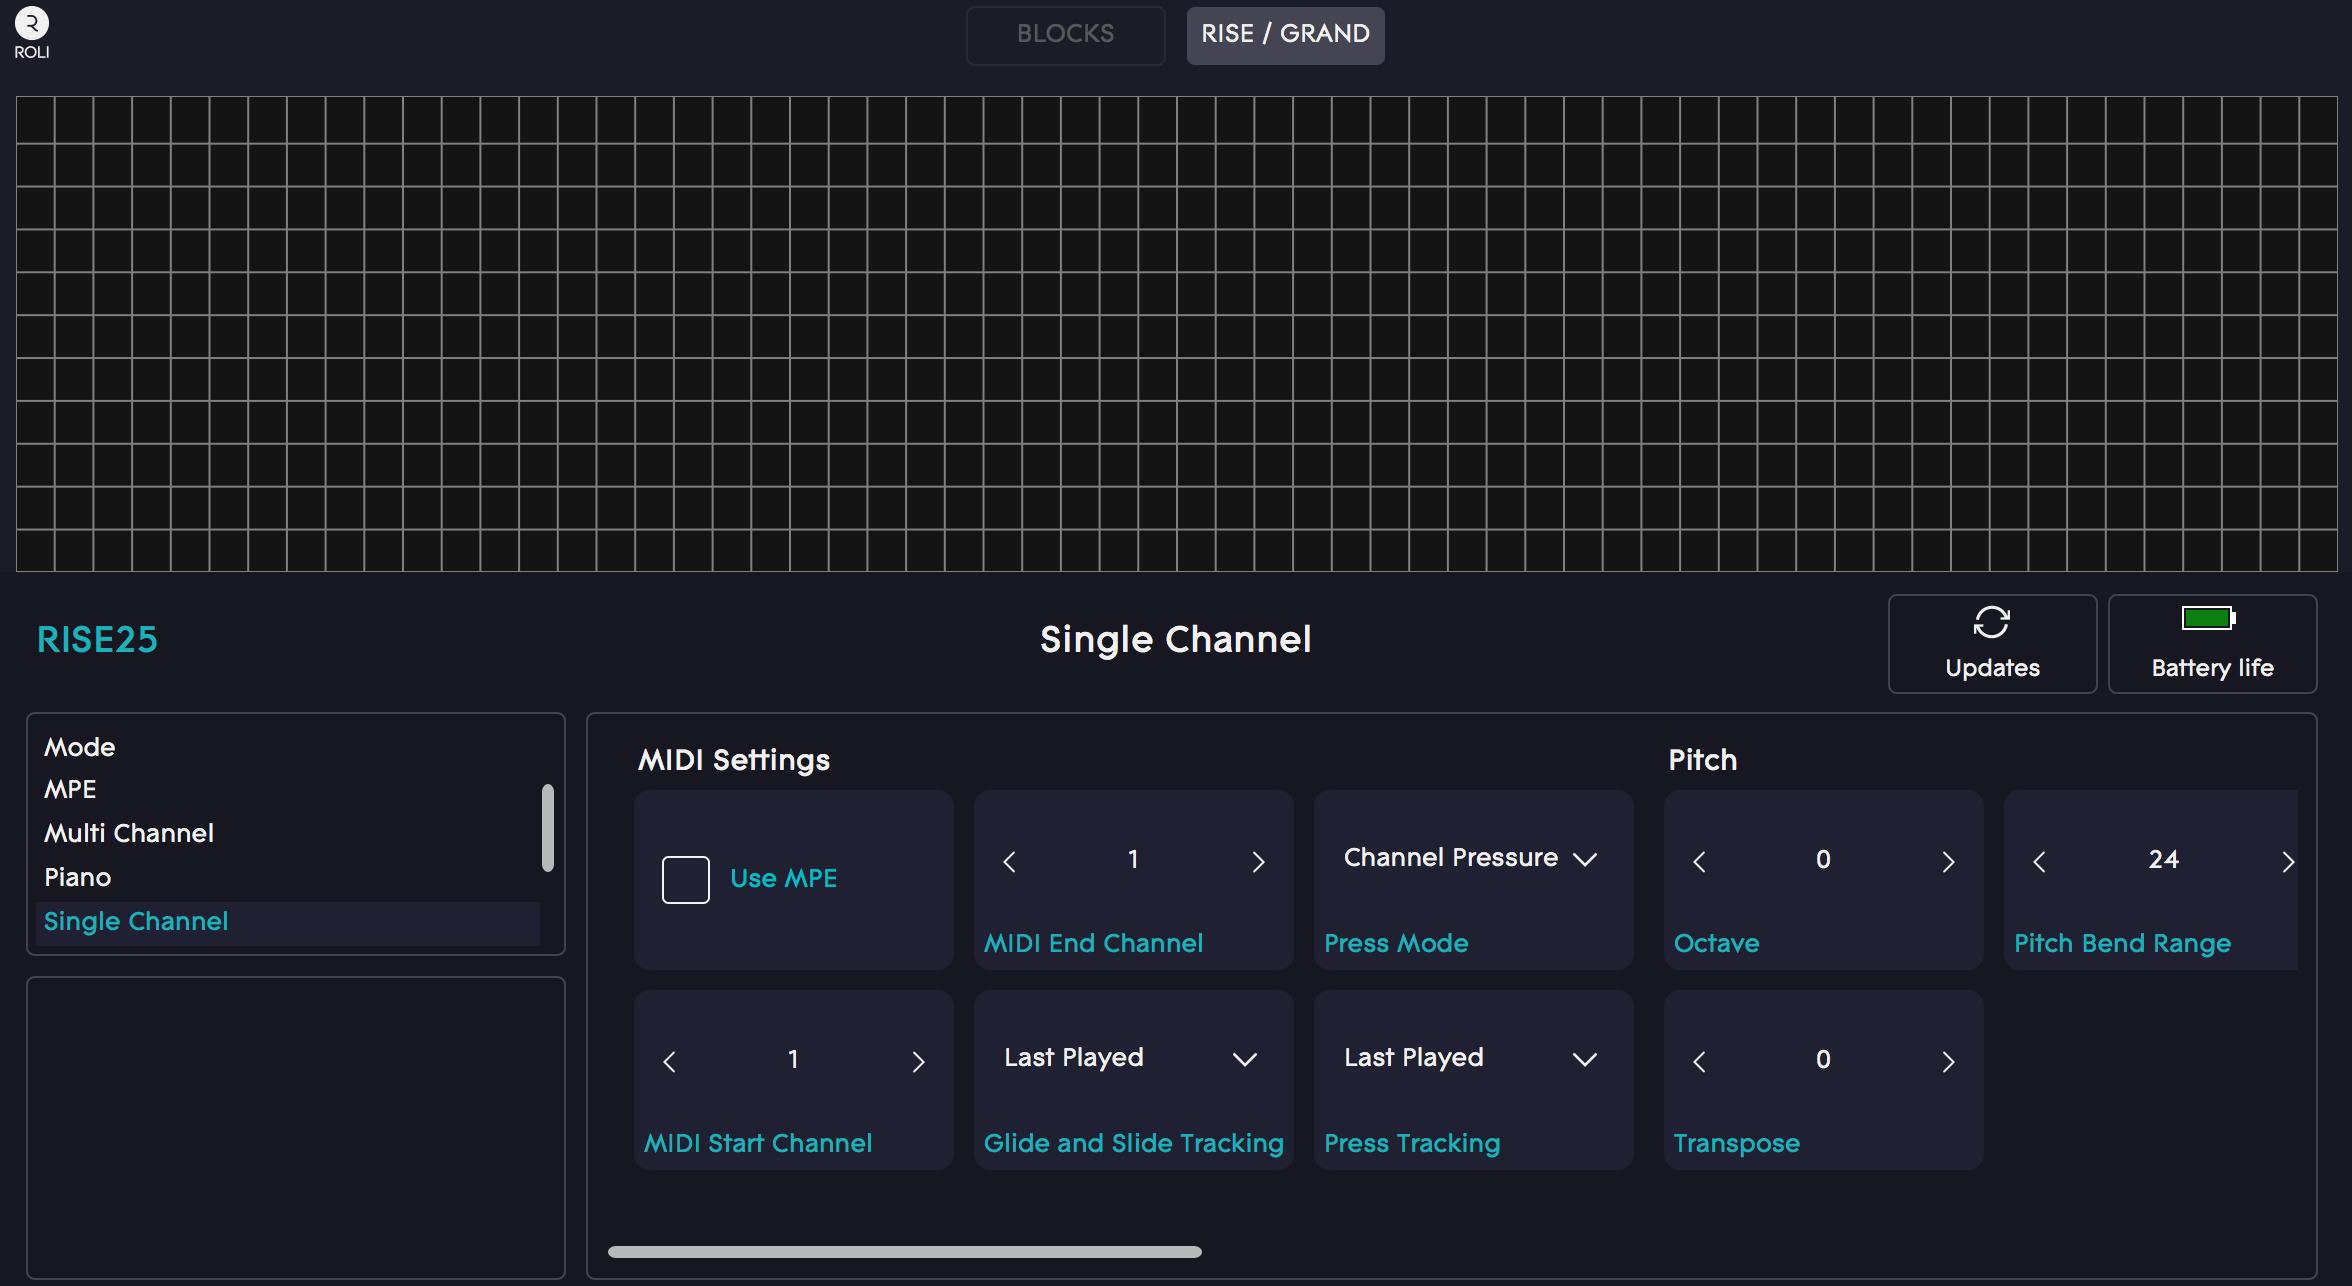 roli-dashboard-u-he-diva-settings